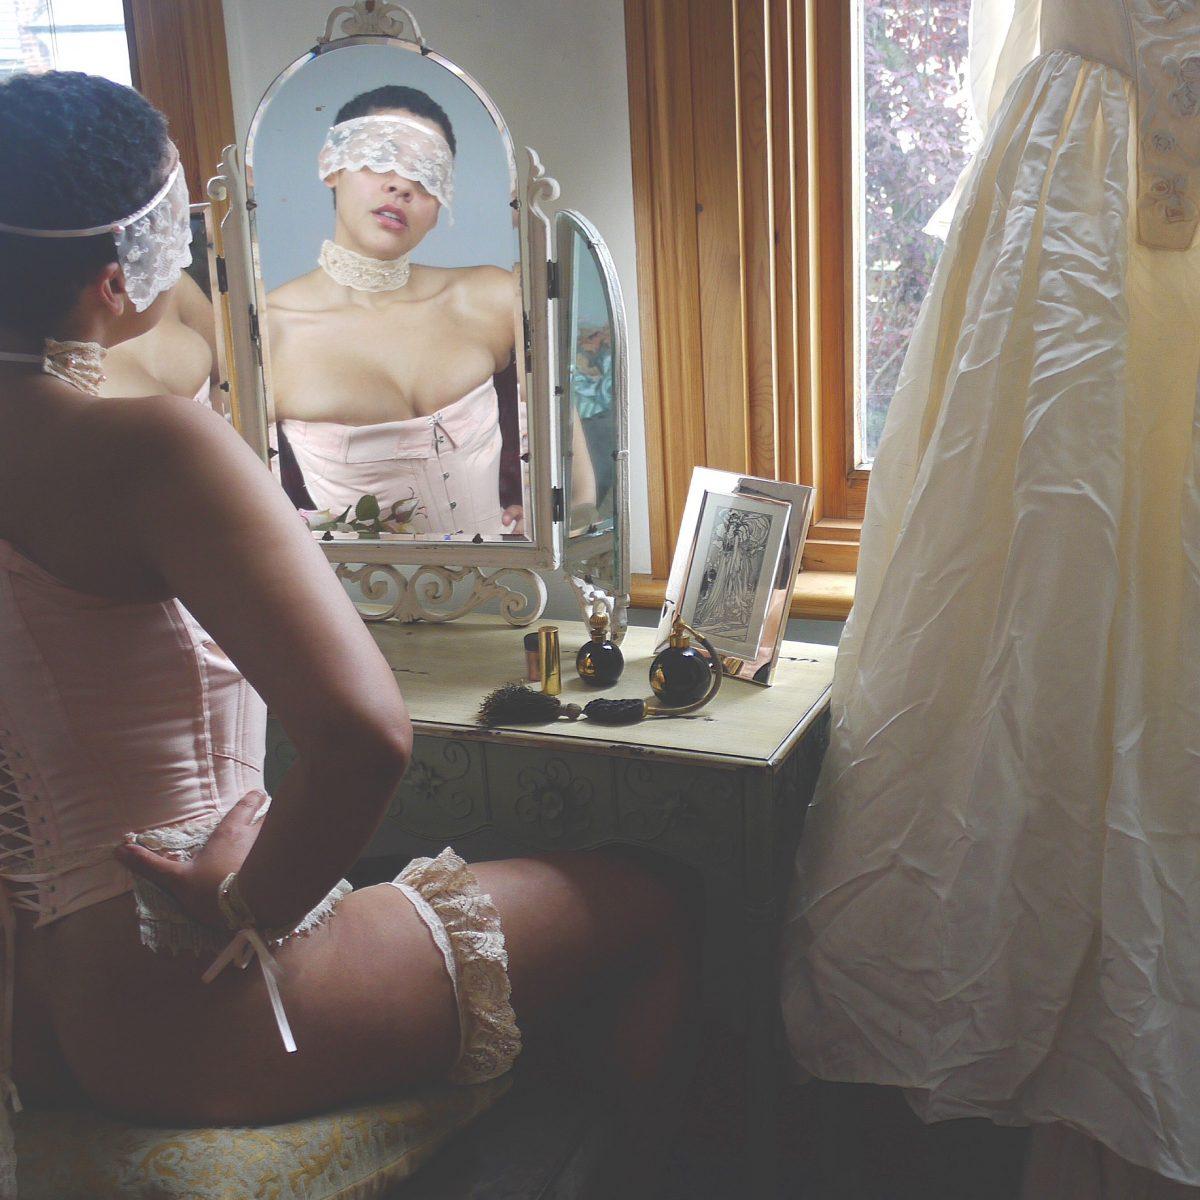 Wedding Lace Lingerie set: wedding garter, wedding veil blindfold, choker, cuffs